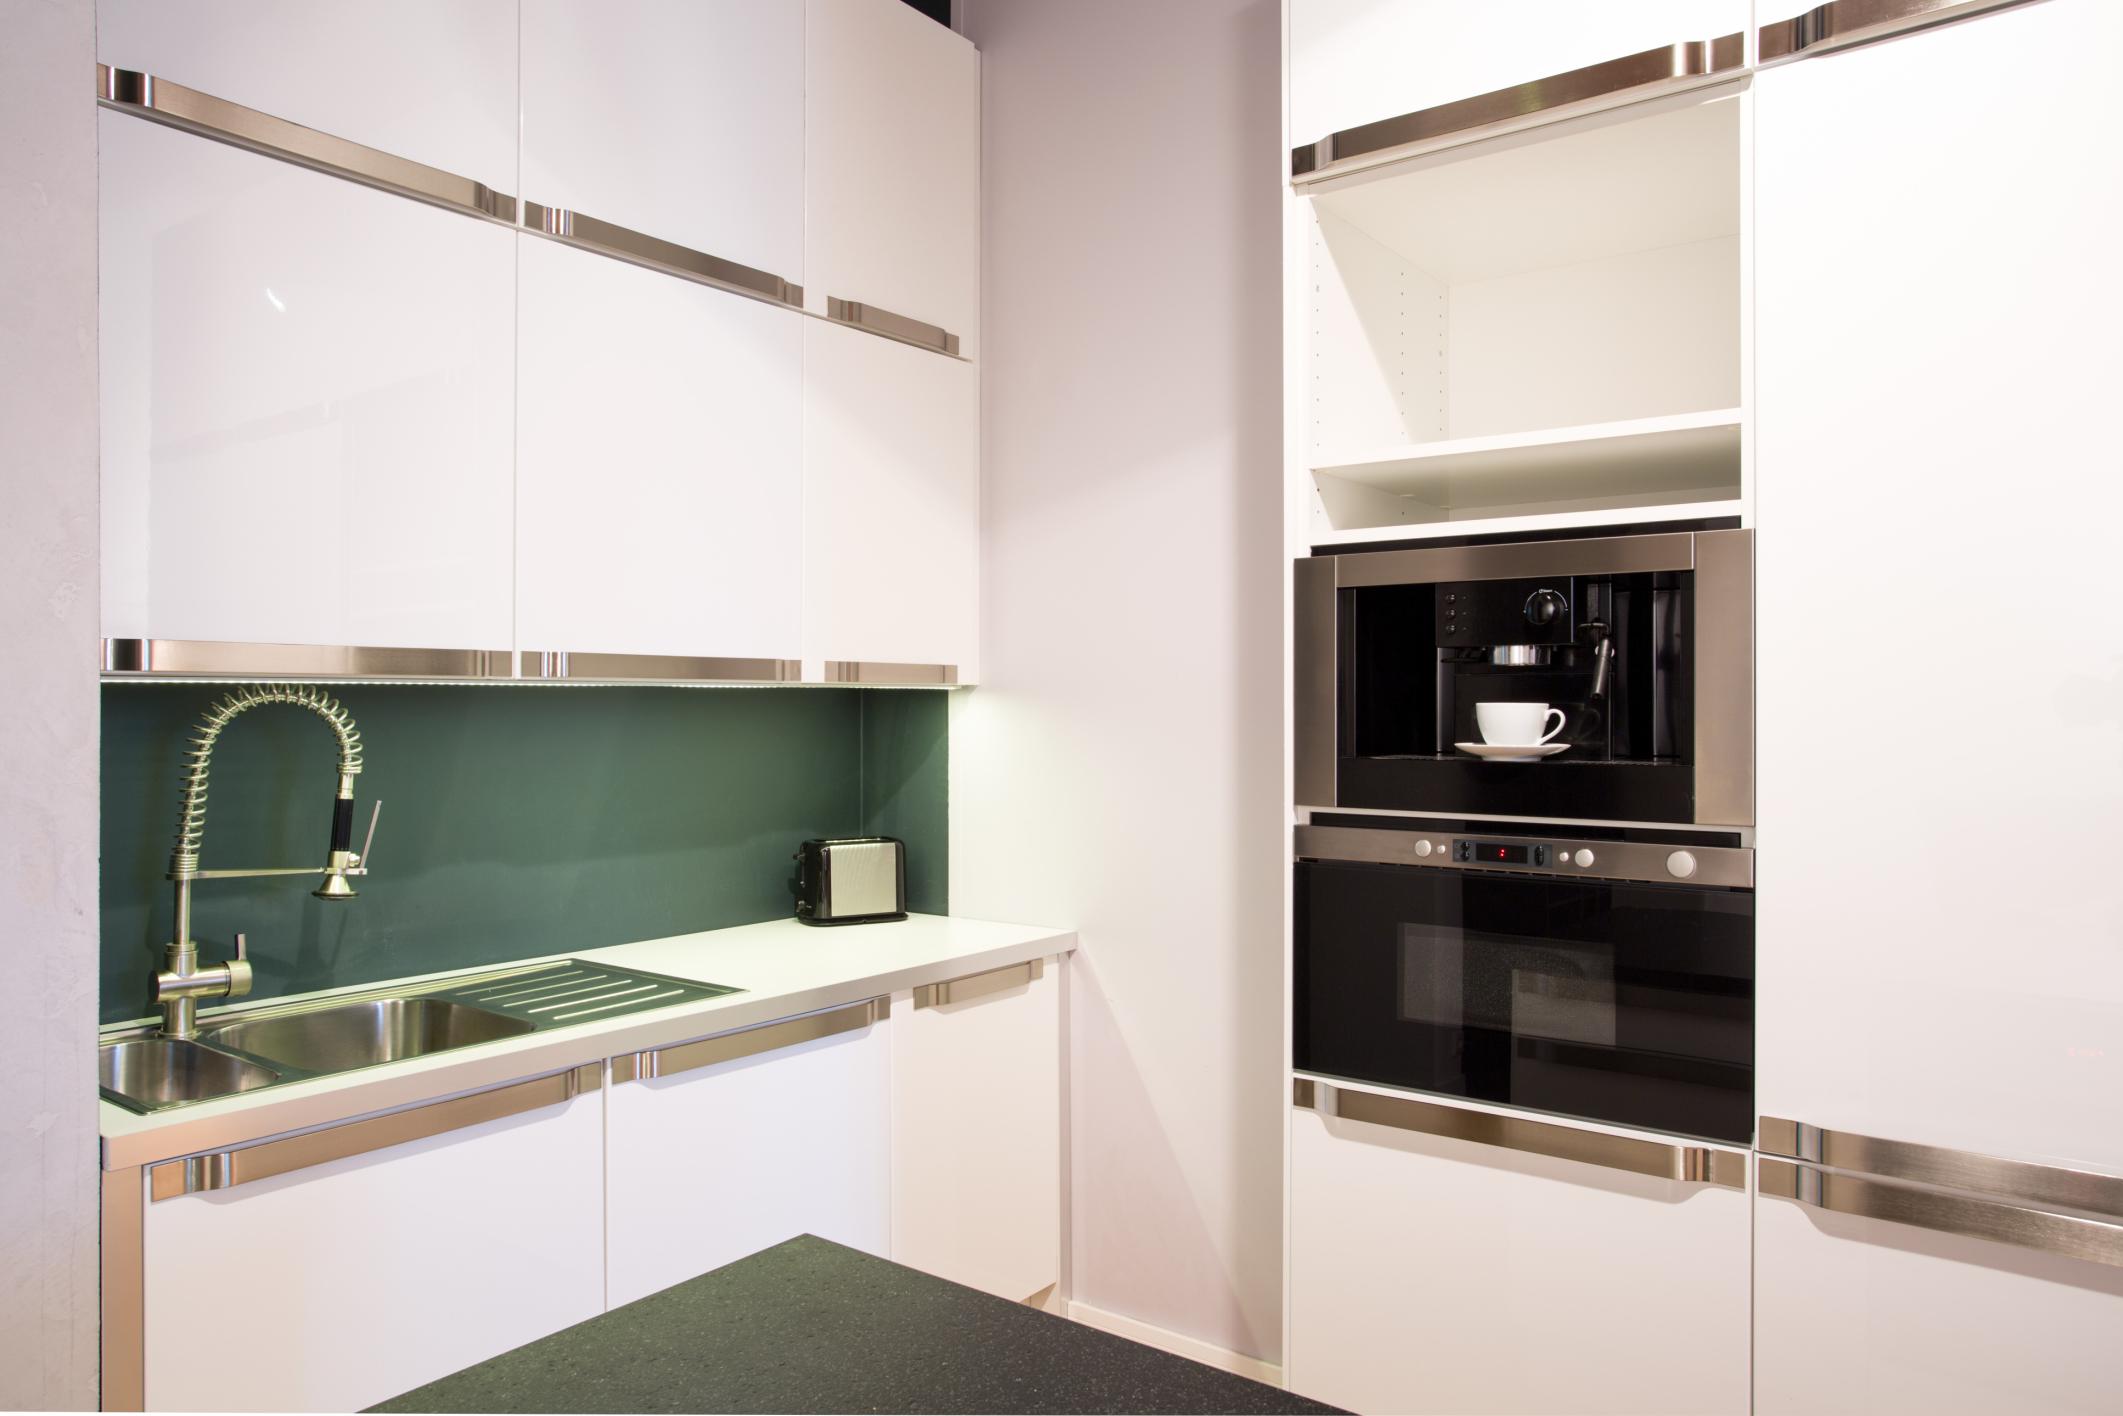 Her mit der neuen Küche: Zehn Tricks für mehr Stauraum